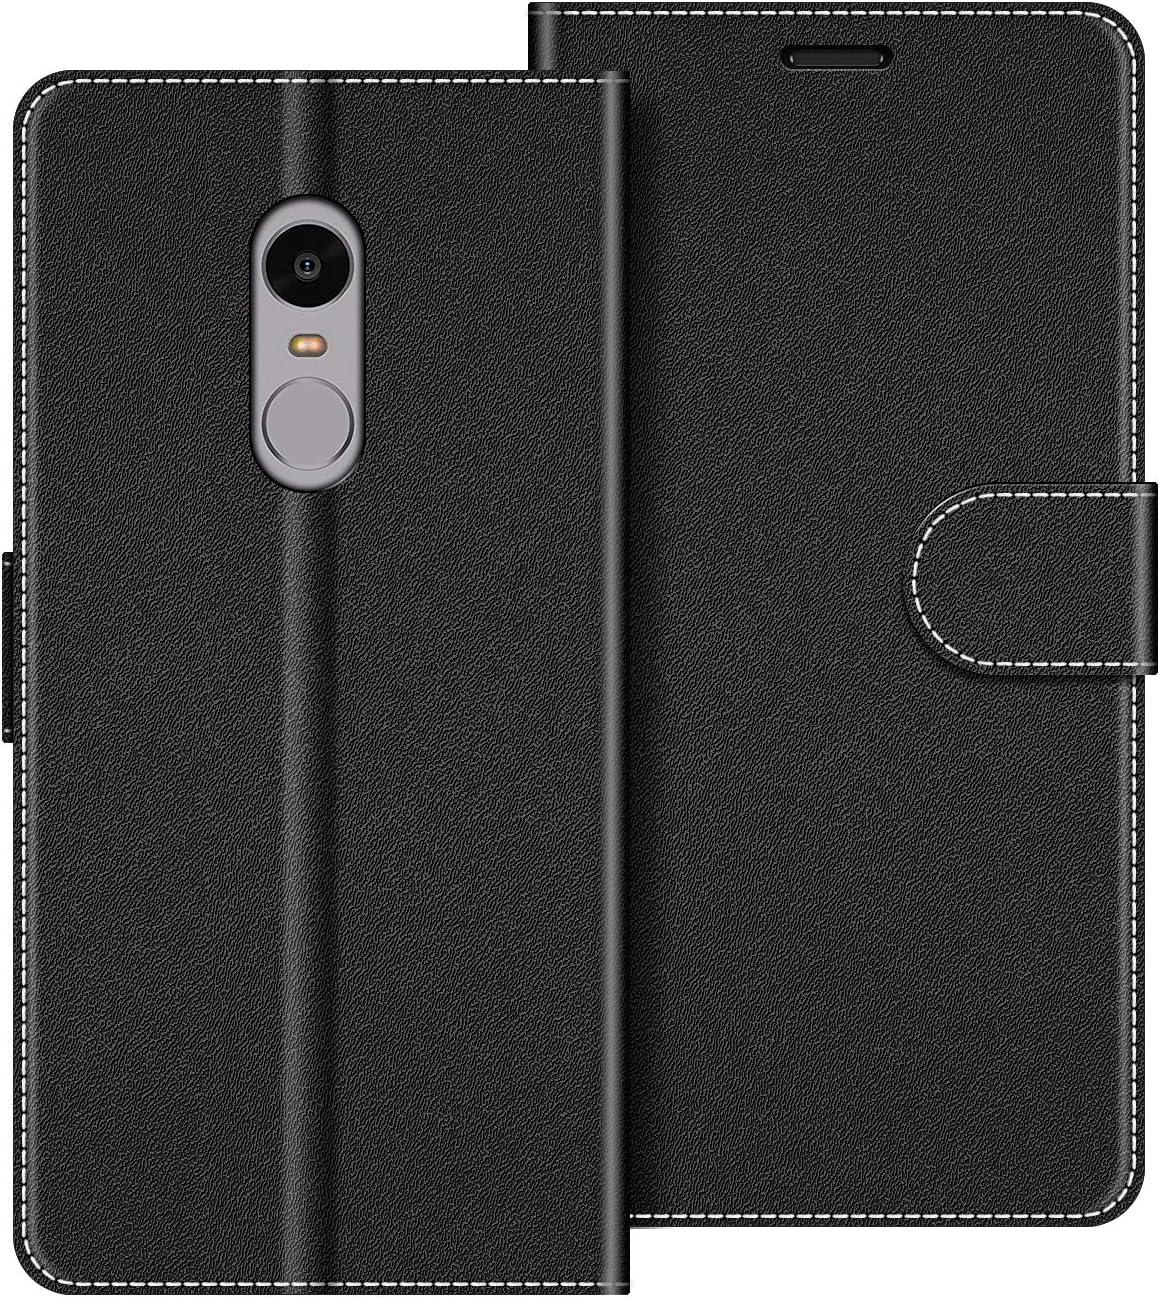 COODIO Funda Xiaomi Redmi Note 4 con Tapa, Funda Movil Xiaomi Redmi Note 4, Funda Libro Xiaomi Redmi Note 4 Carcasa Magnético Funda para Xiaomi Redmi Note 4, Negro